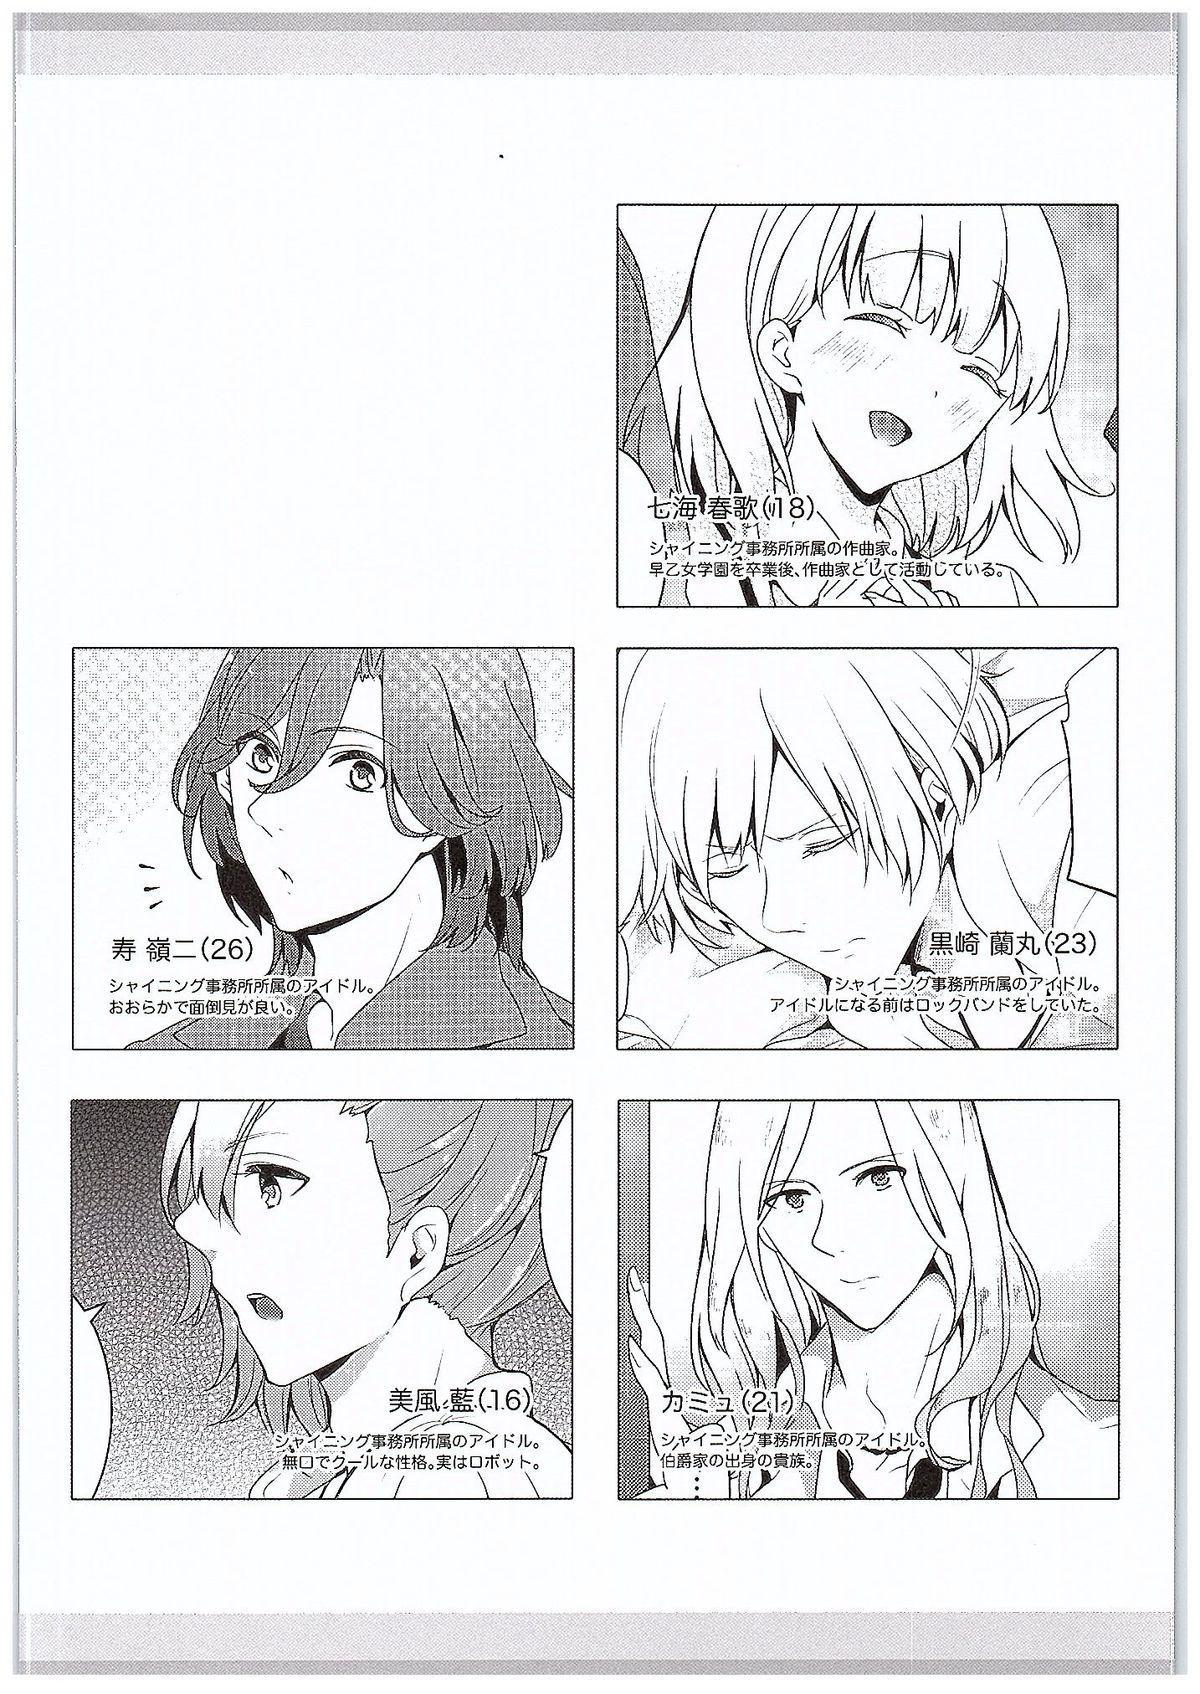 Quintet no Renai jijou 2